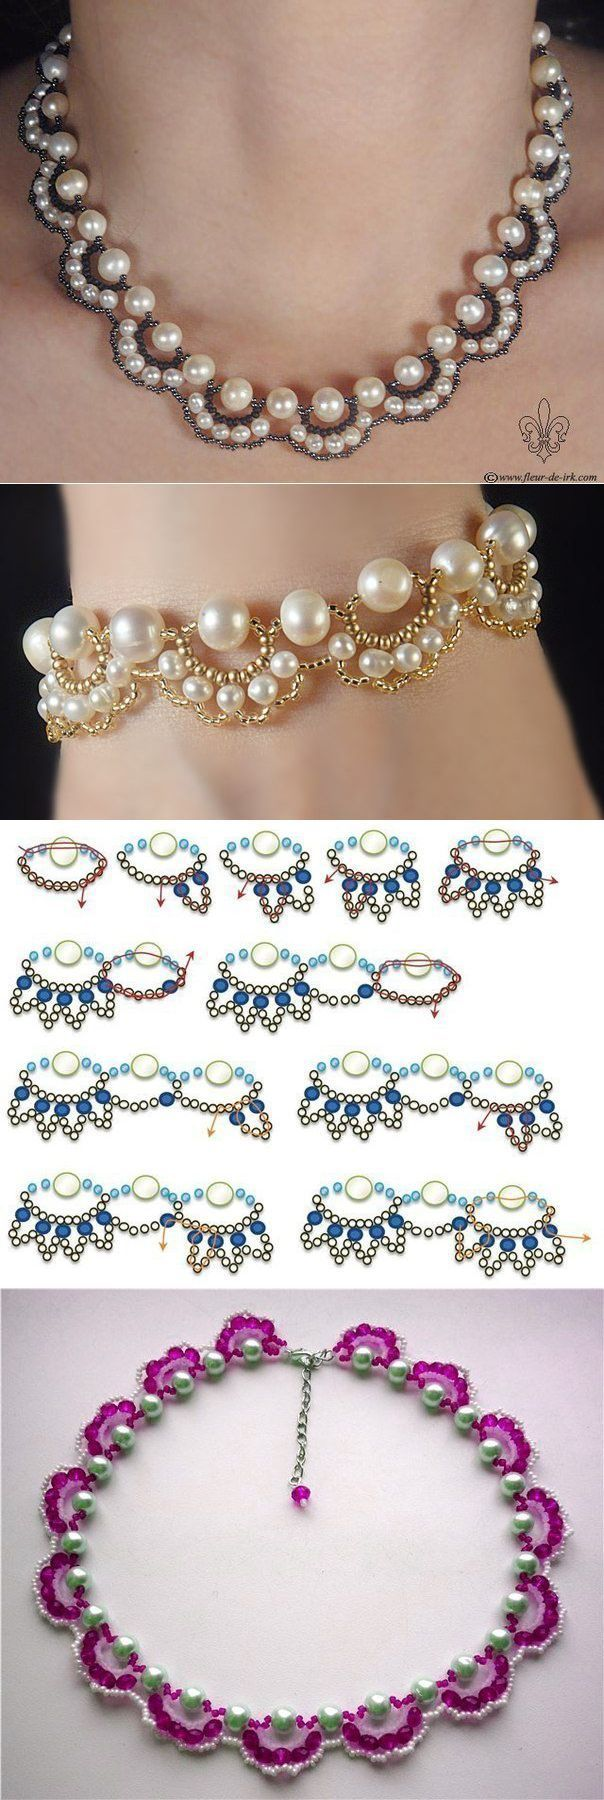 Схема плетения ожерелья или браслета с бусинами под жемчуг | ВЯЖЕМ ЦВЕТЫ И УКРАШЕНИЯ | Постила